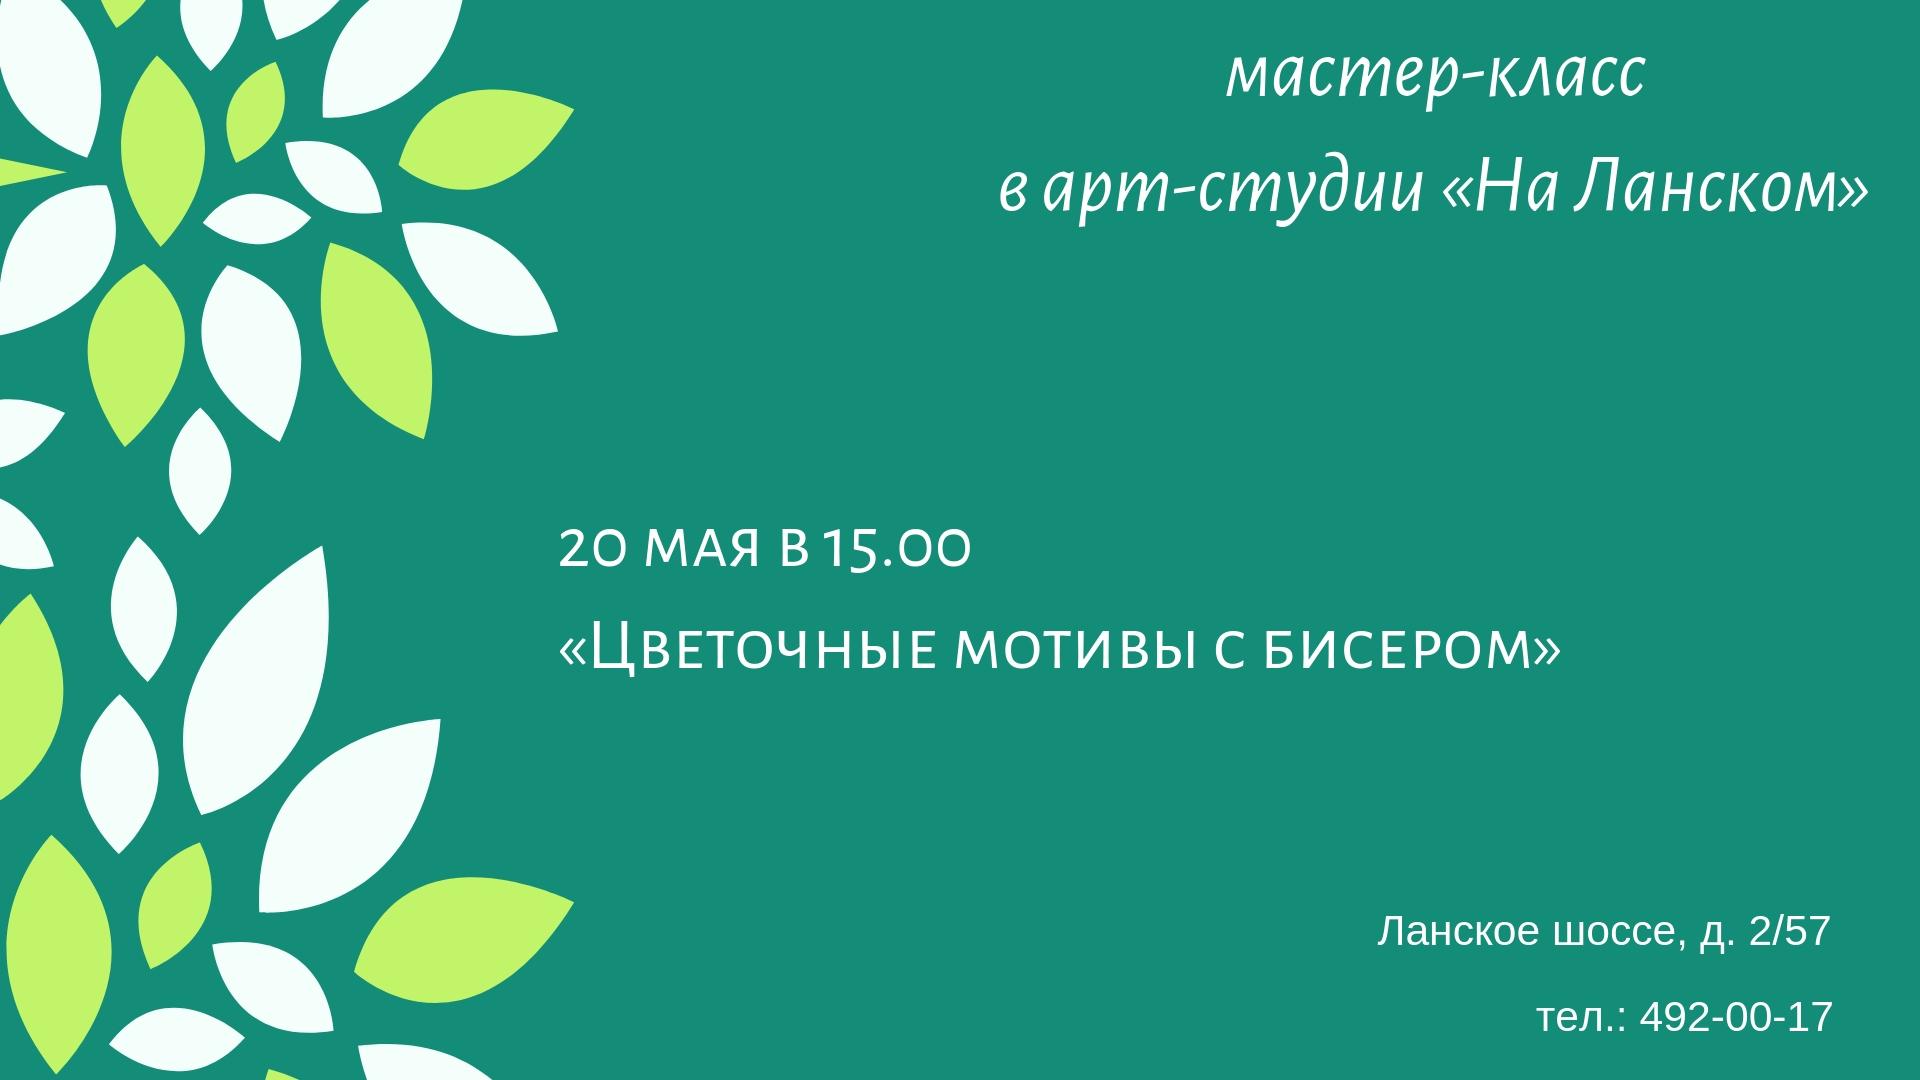 ланское 20 мая